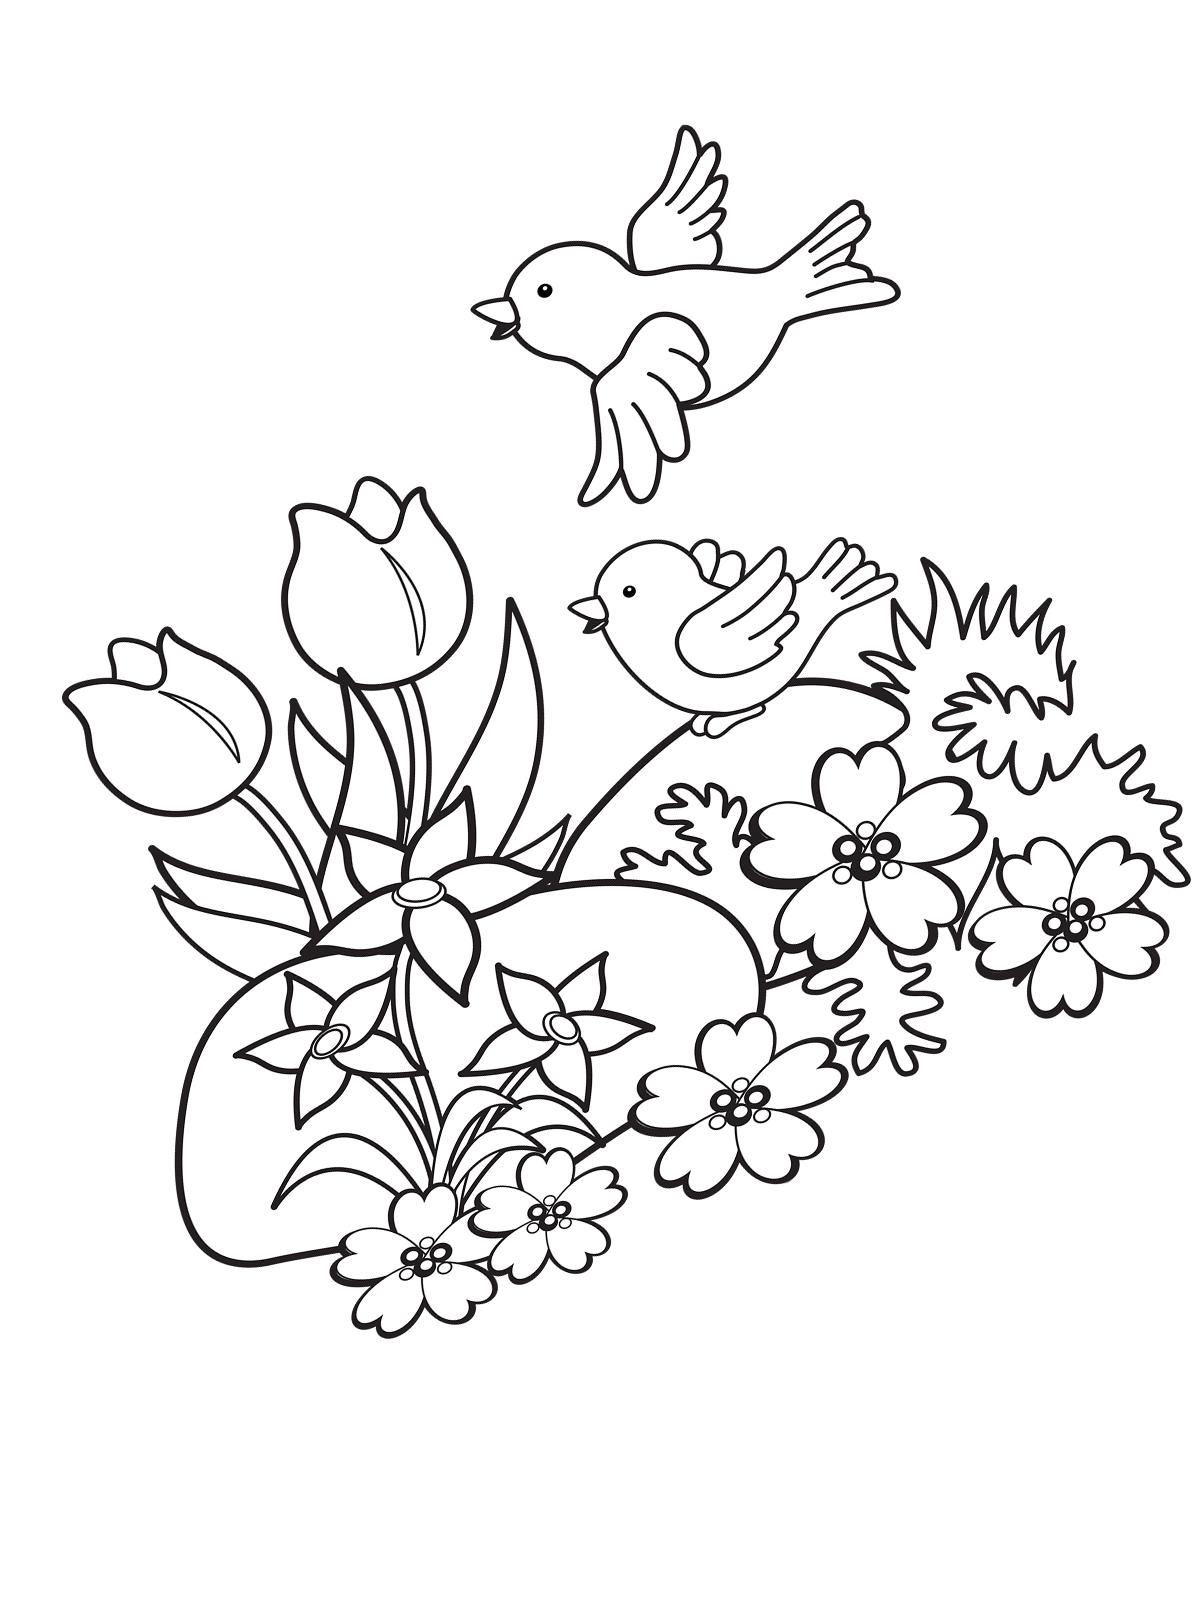 Malvorlagen Für Frühling | My blog